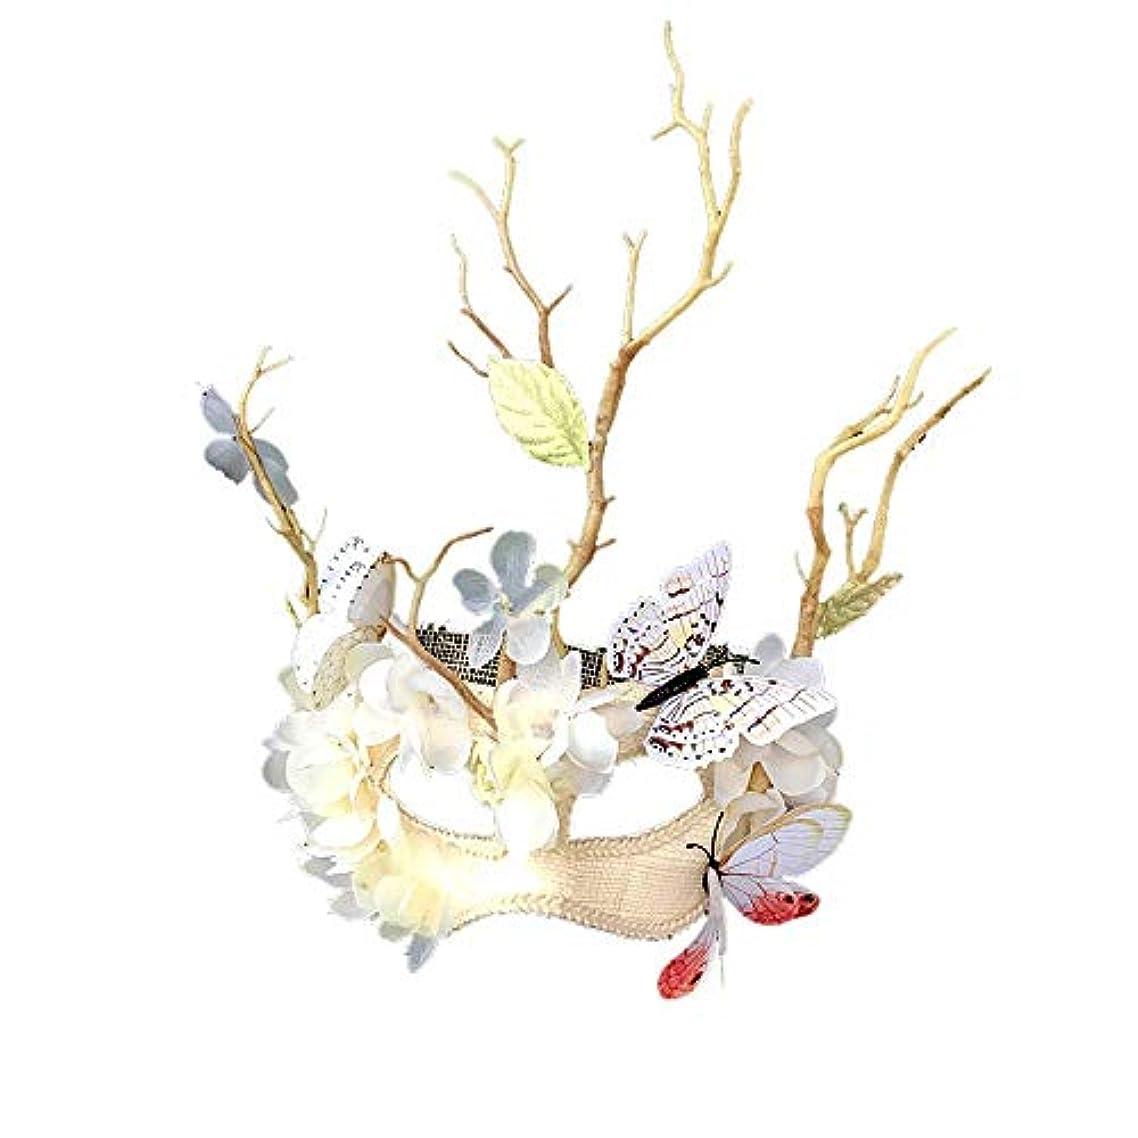 キャラバン生物学誇りに思うNanle ハロウィンの蝶の木ブランチマスク仮装マスクレディミスプリンセス美容祭パーティーデコレーション (色 : ベージュ)